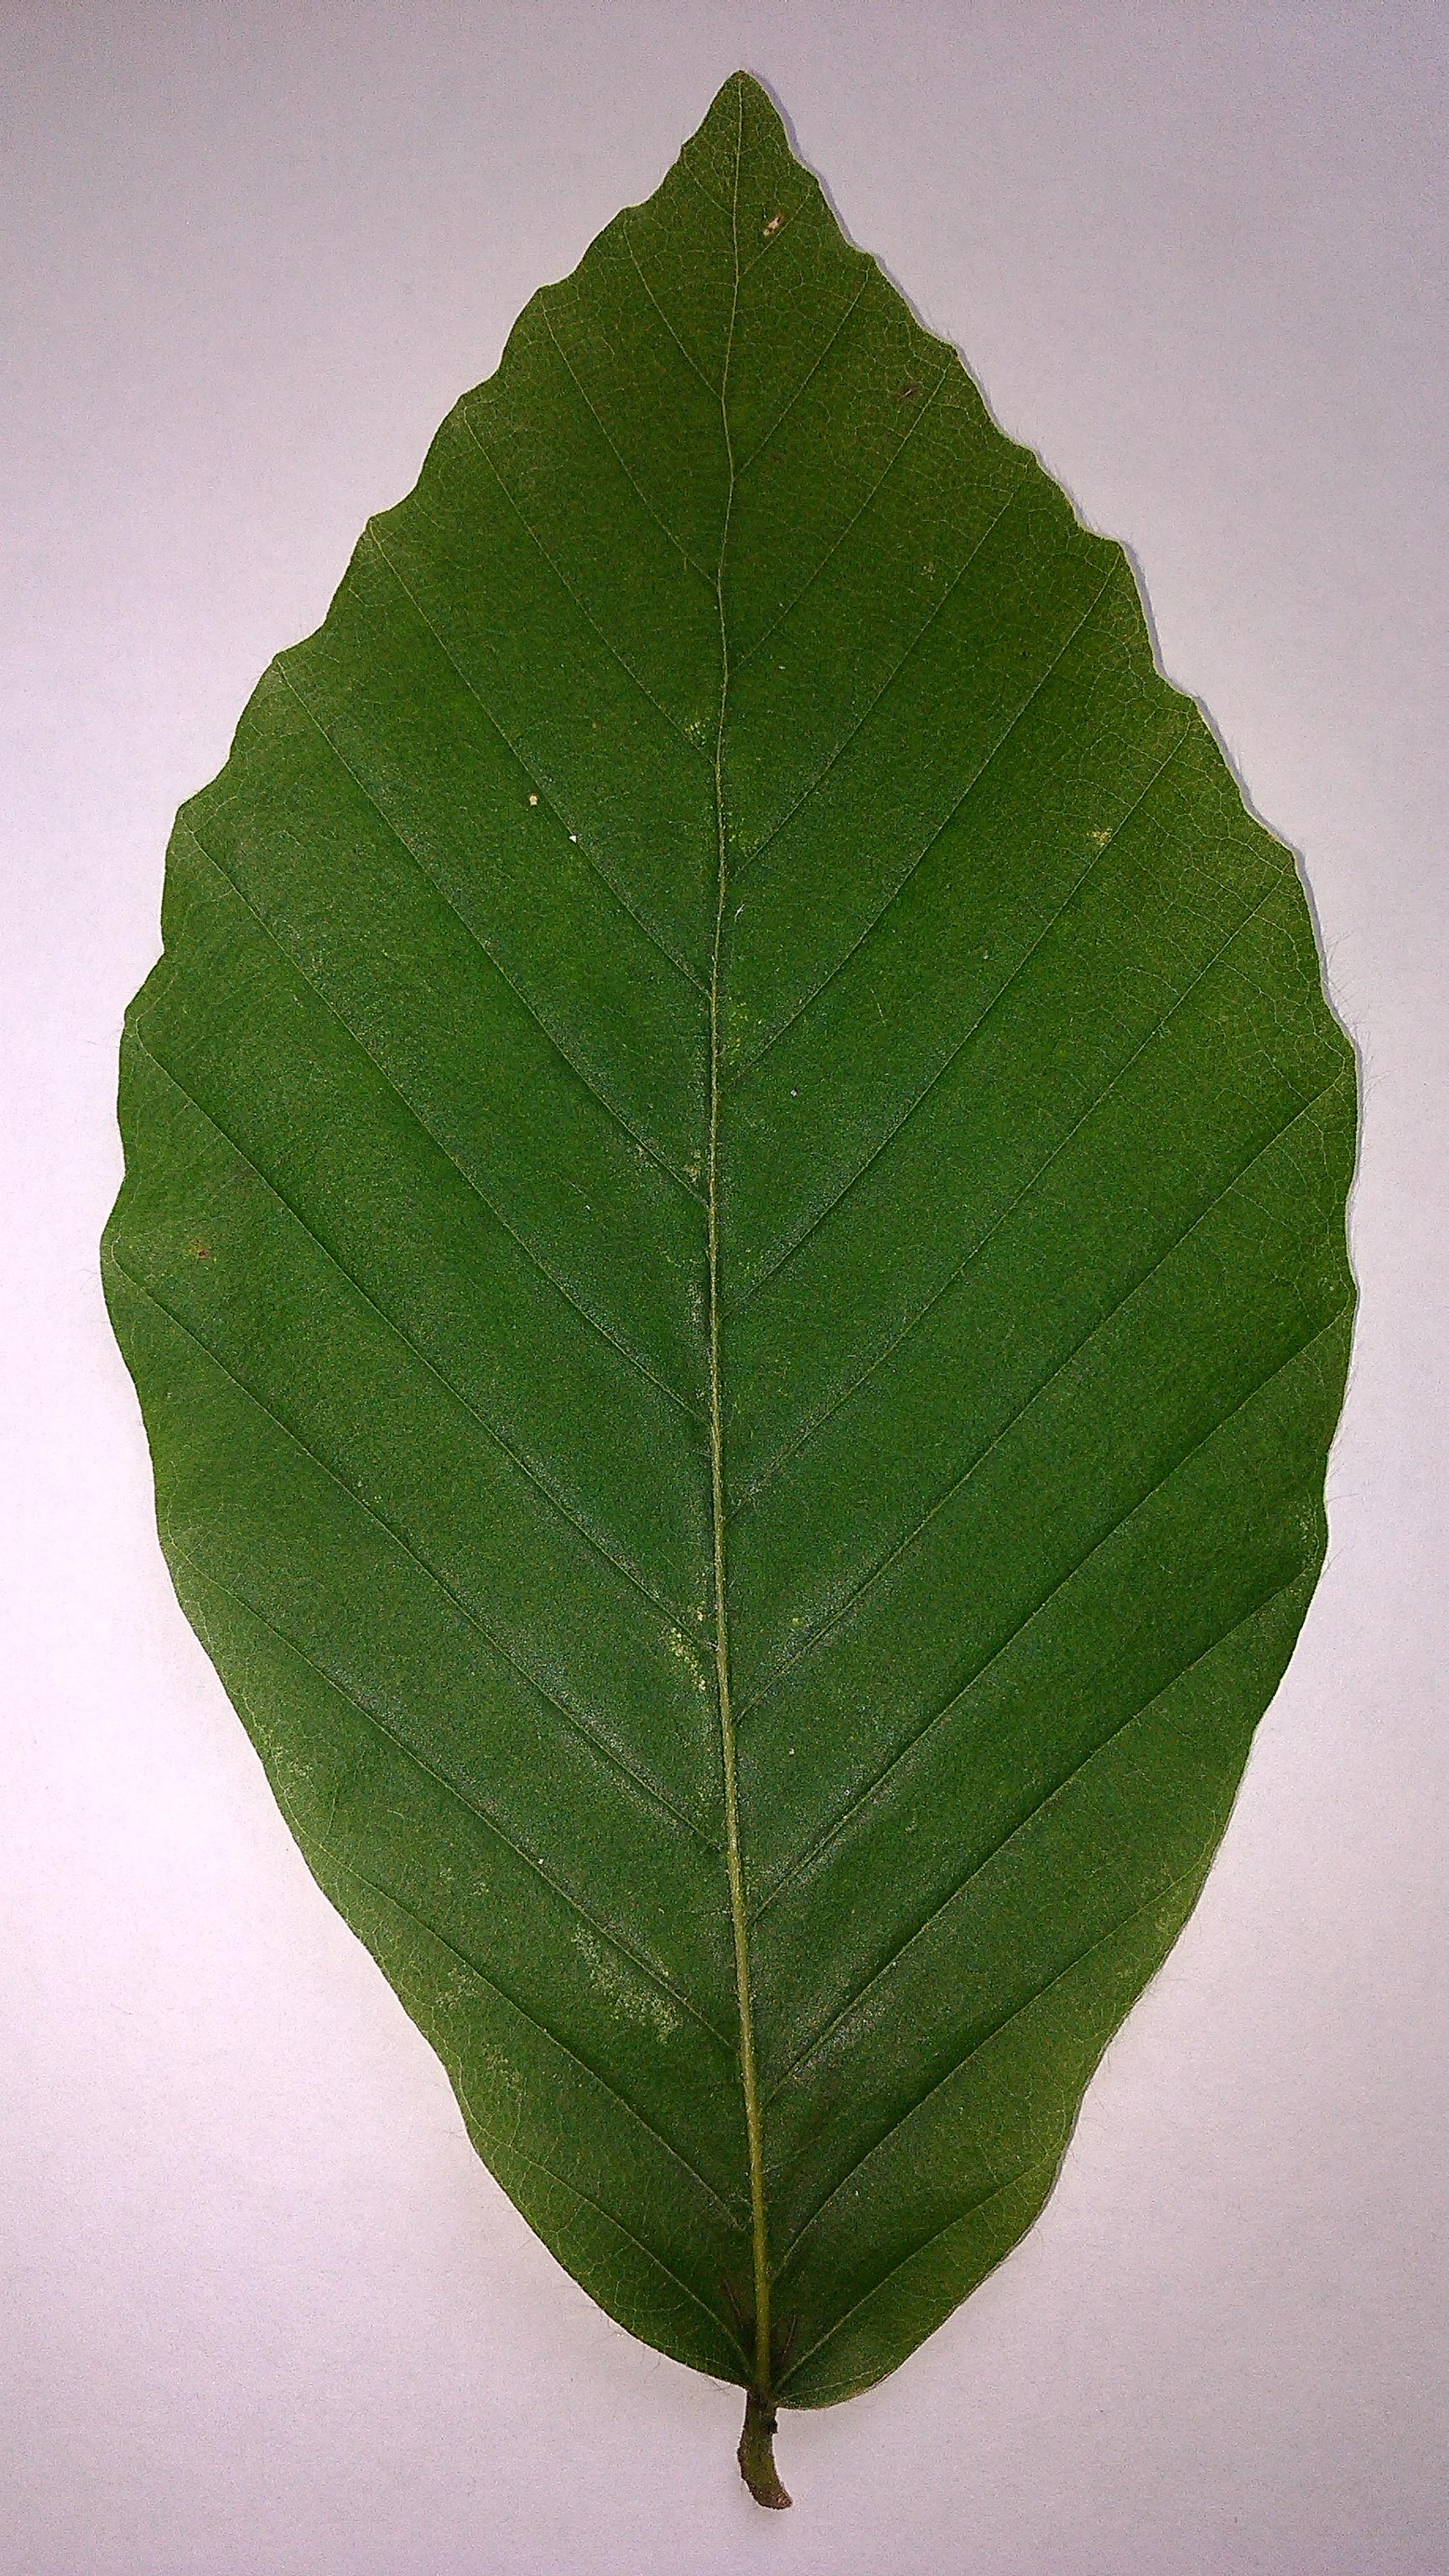 как выглядит лист бука восточного который растет в горах кавказа